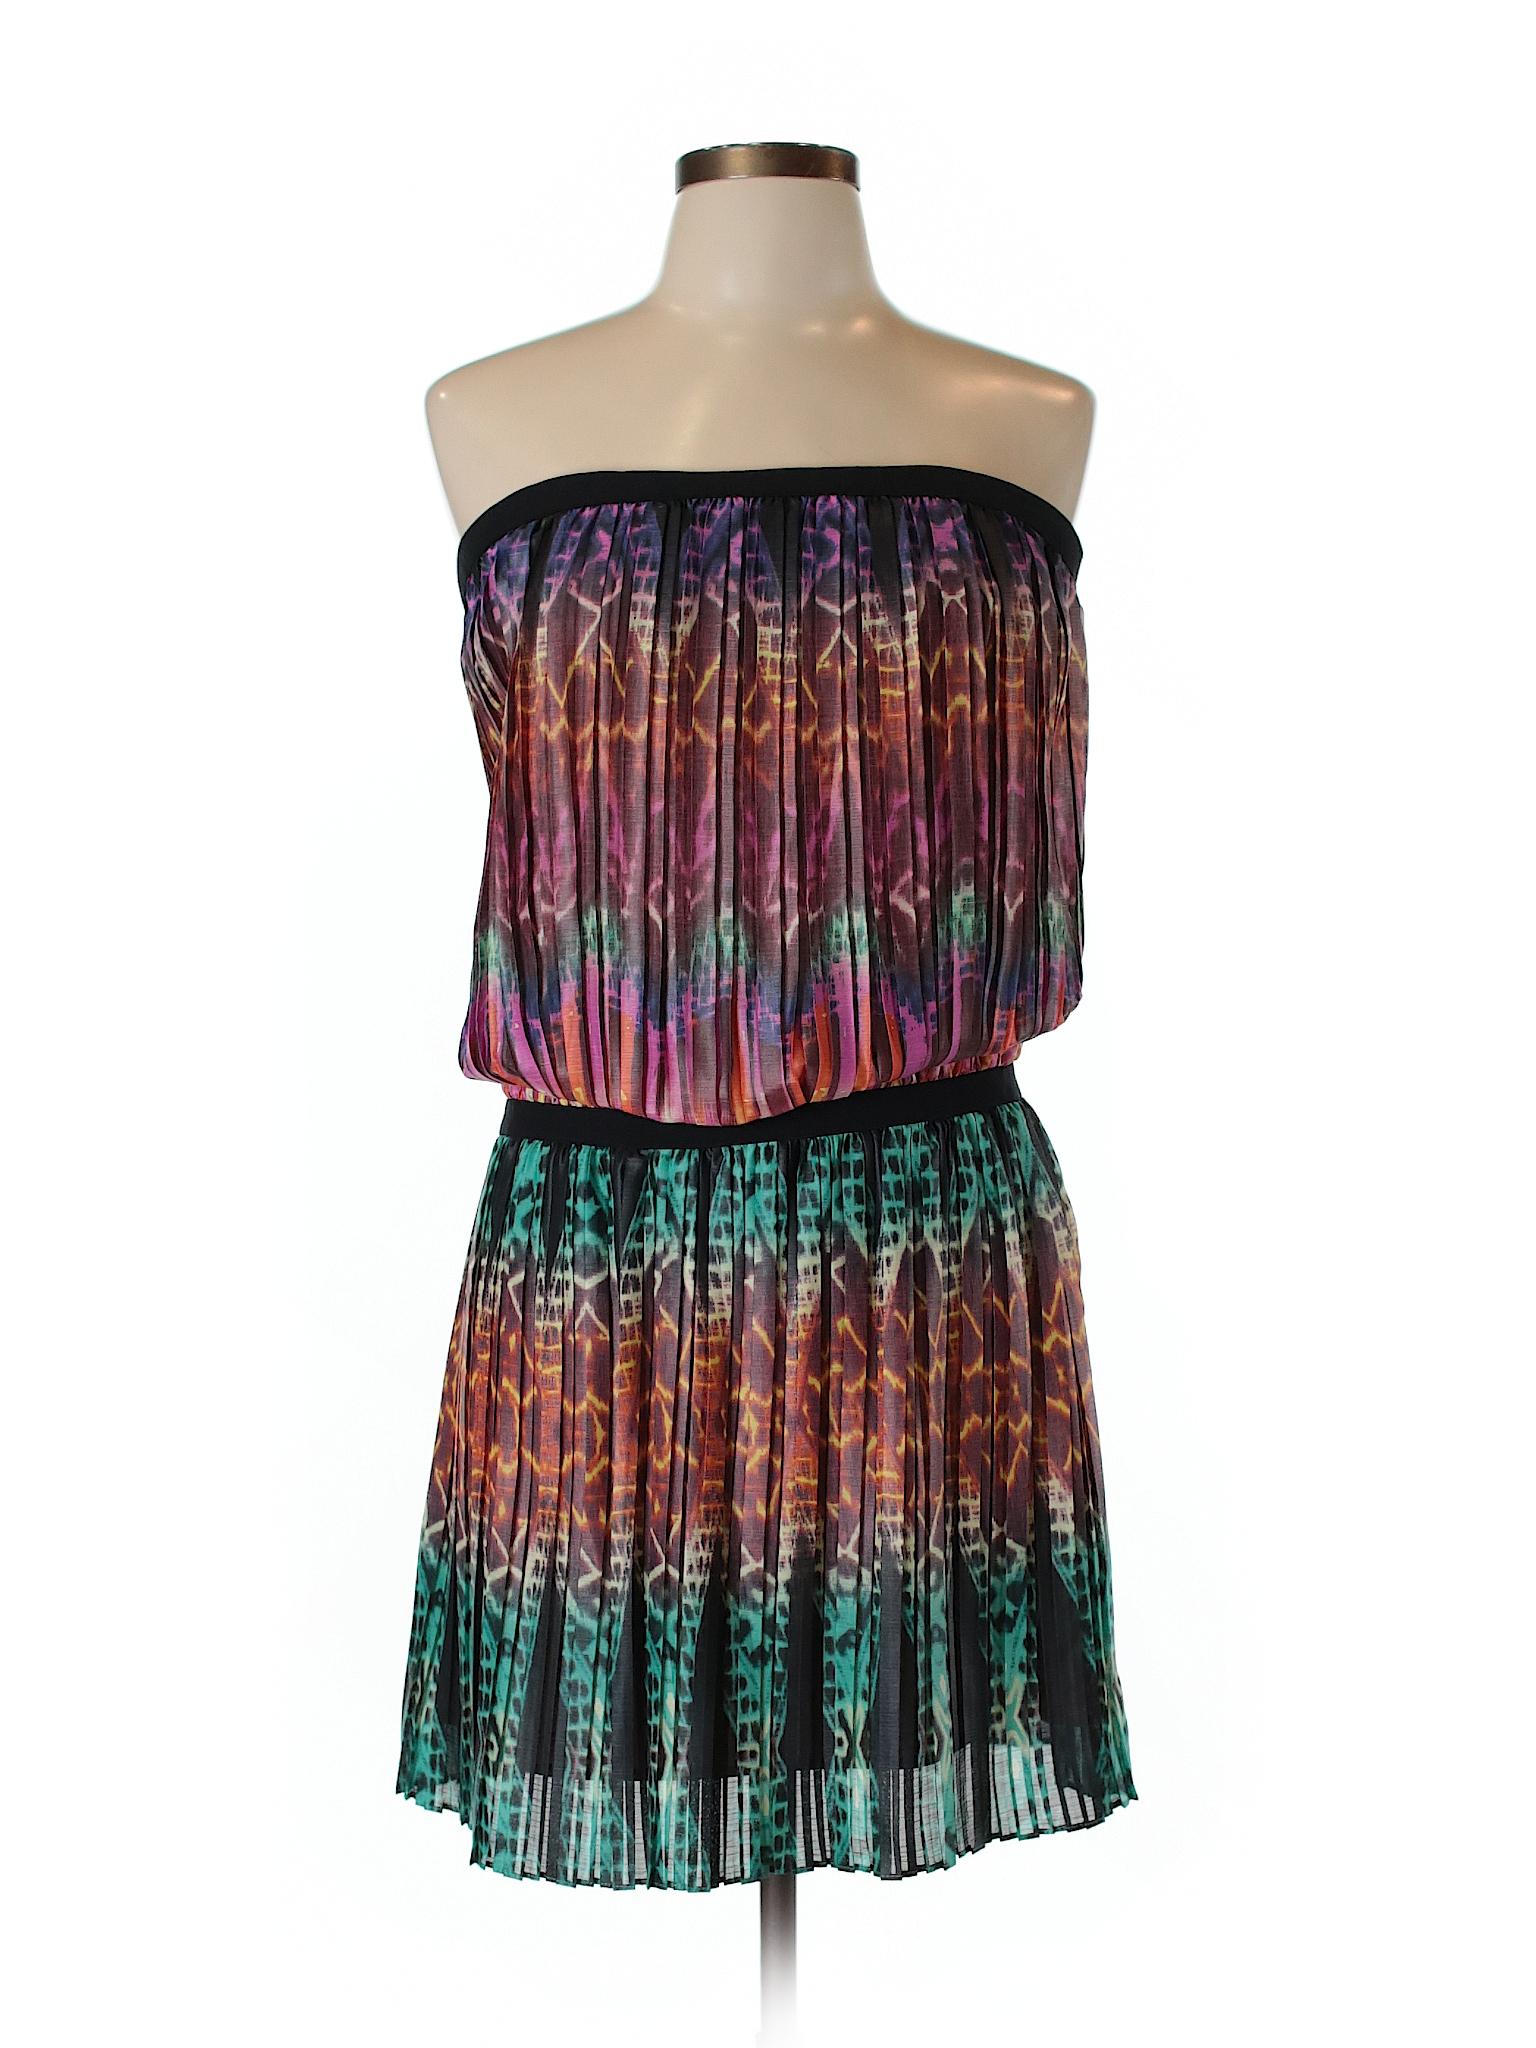 Dress Winter Boutique Casual Bcbgmaxazria Casual Winter Bcbgmaxazria Dress Boutique xXznPqnIE